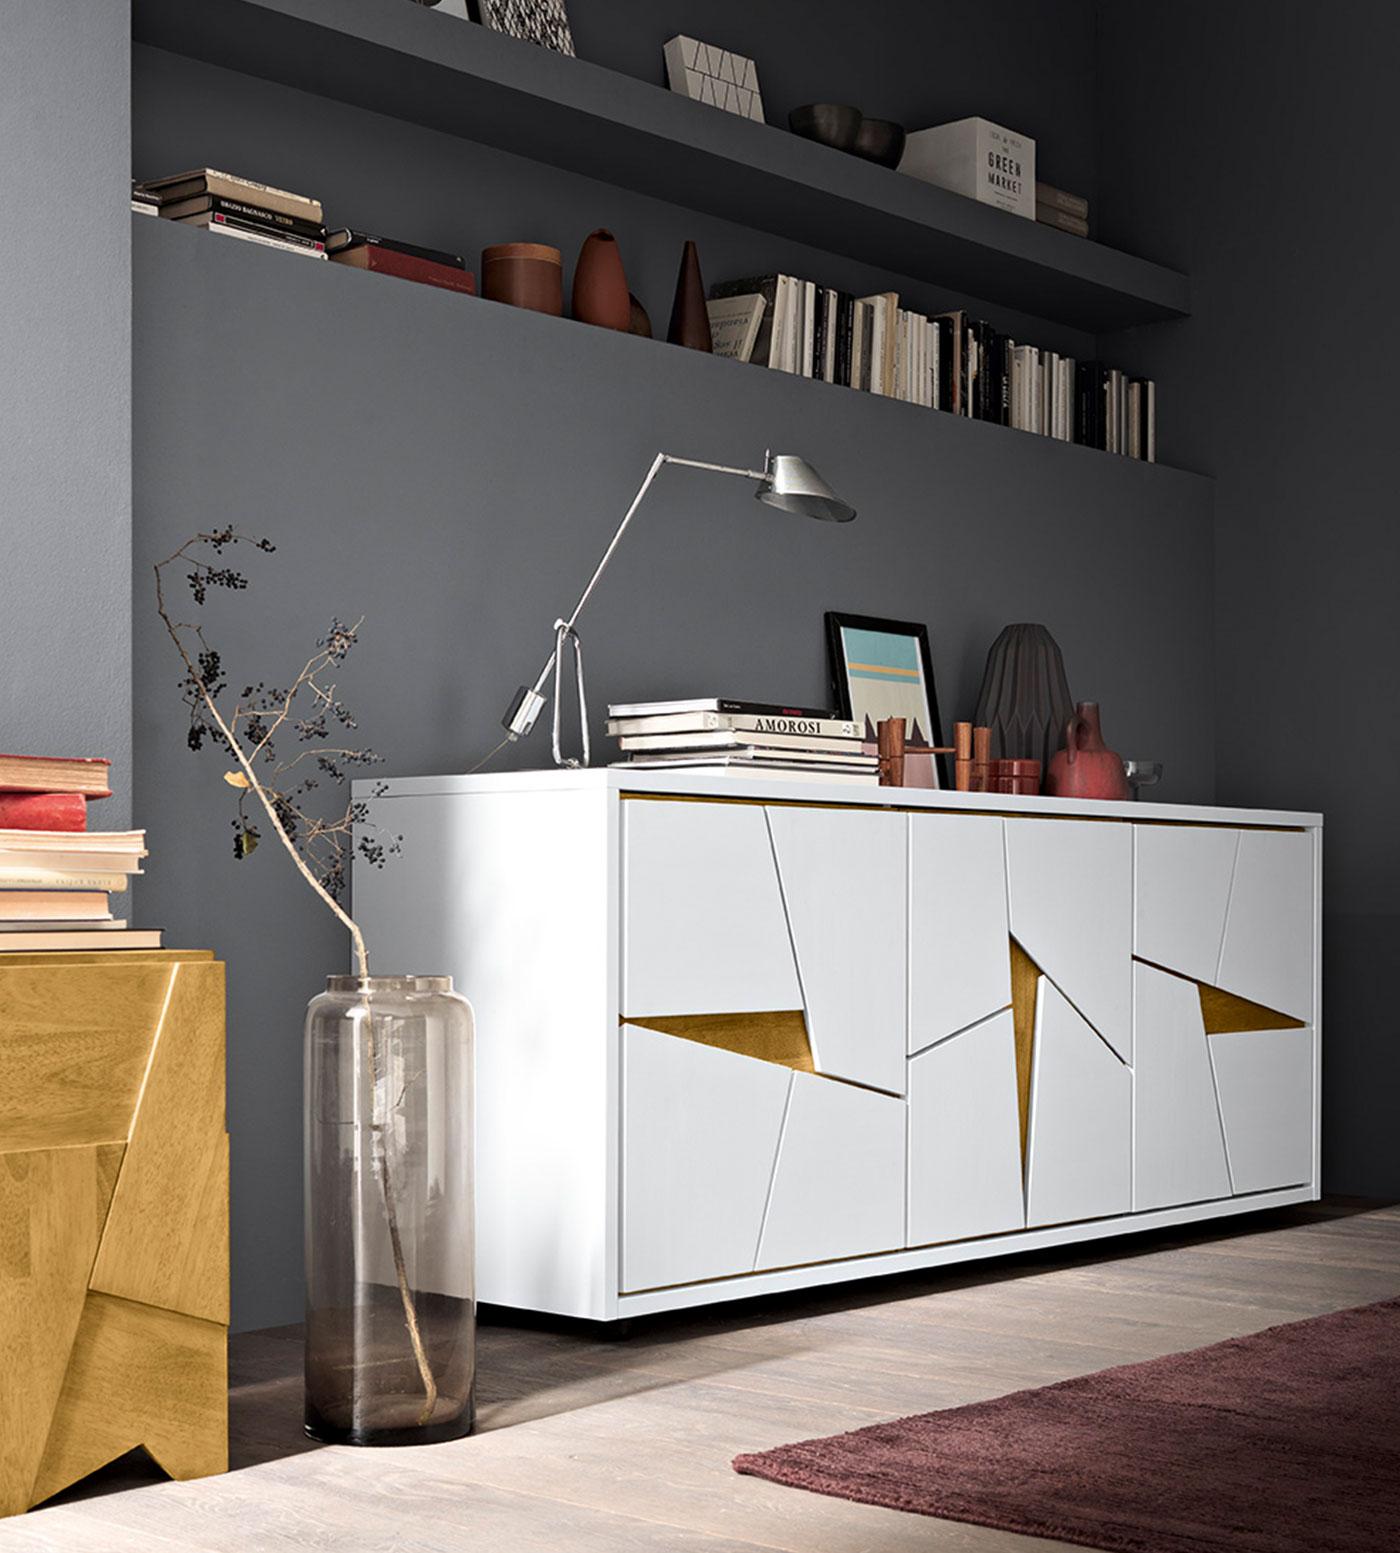 Mobili legno naturale with mobili legno naturale - Mobili soggiorno legno massello ...